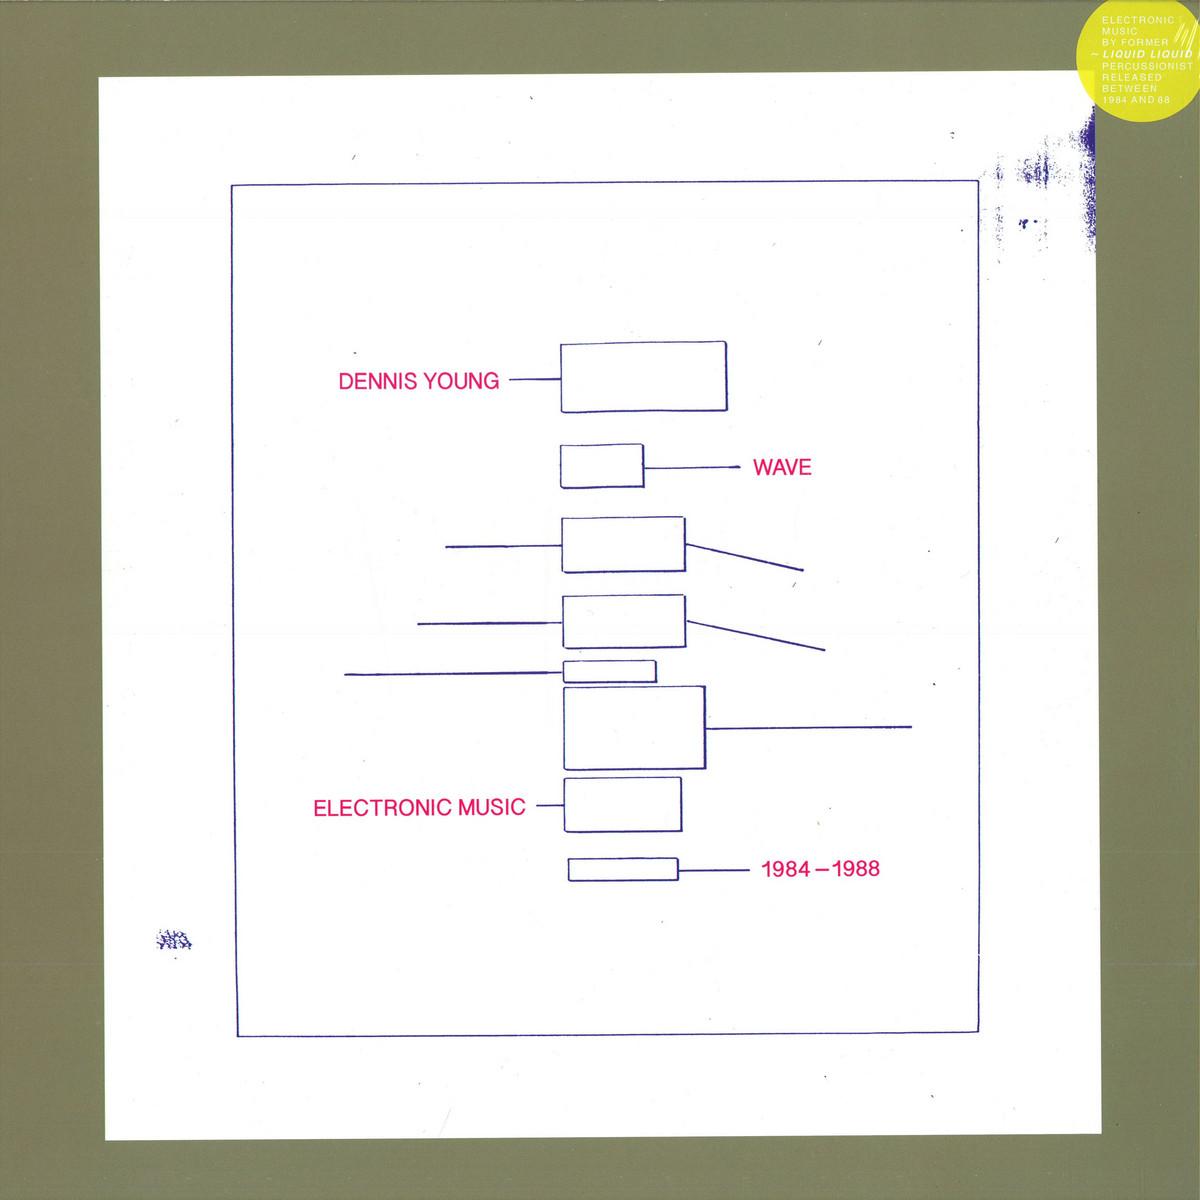 Bureau B Chevy Wiring Diagram 1988 Dach